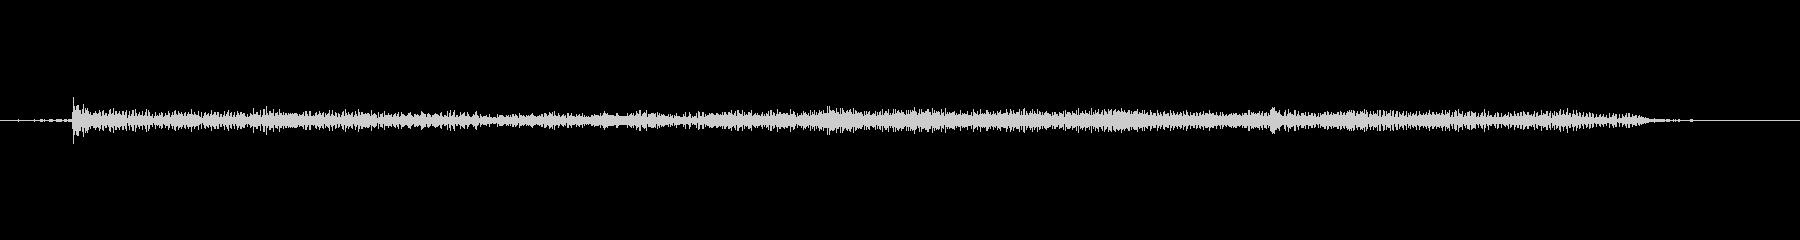 ファックス機の紙送りモーター音の未再生の波形